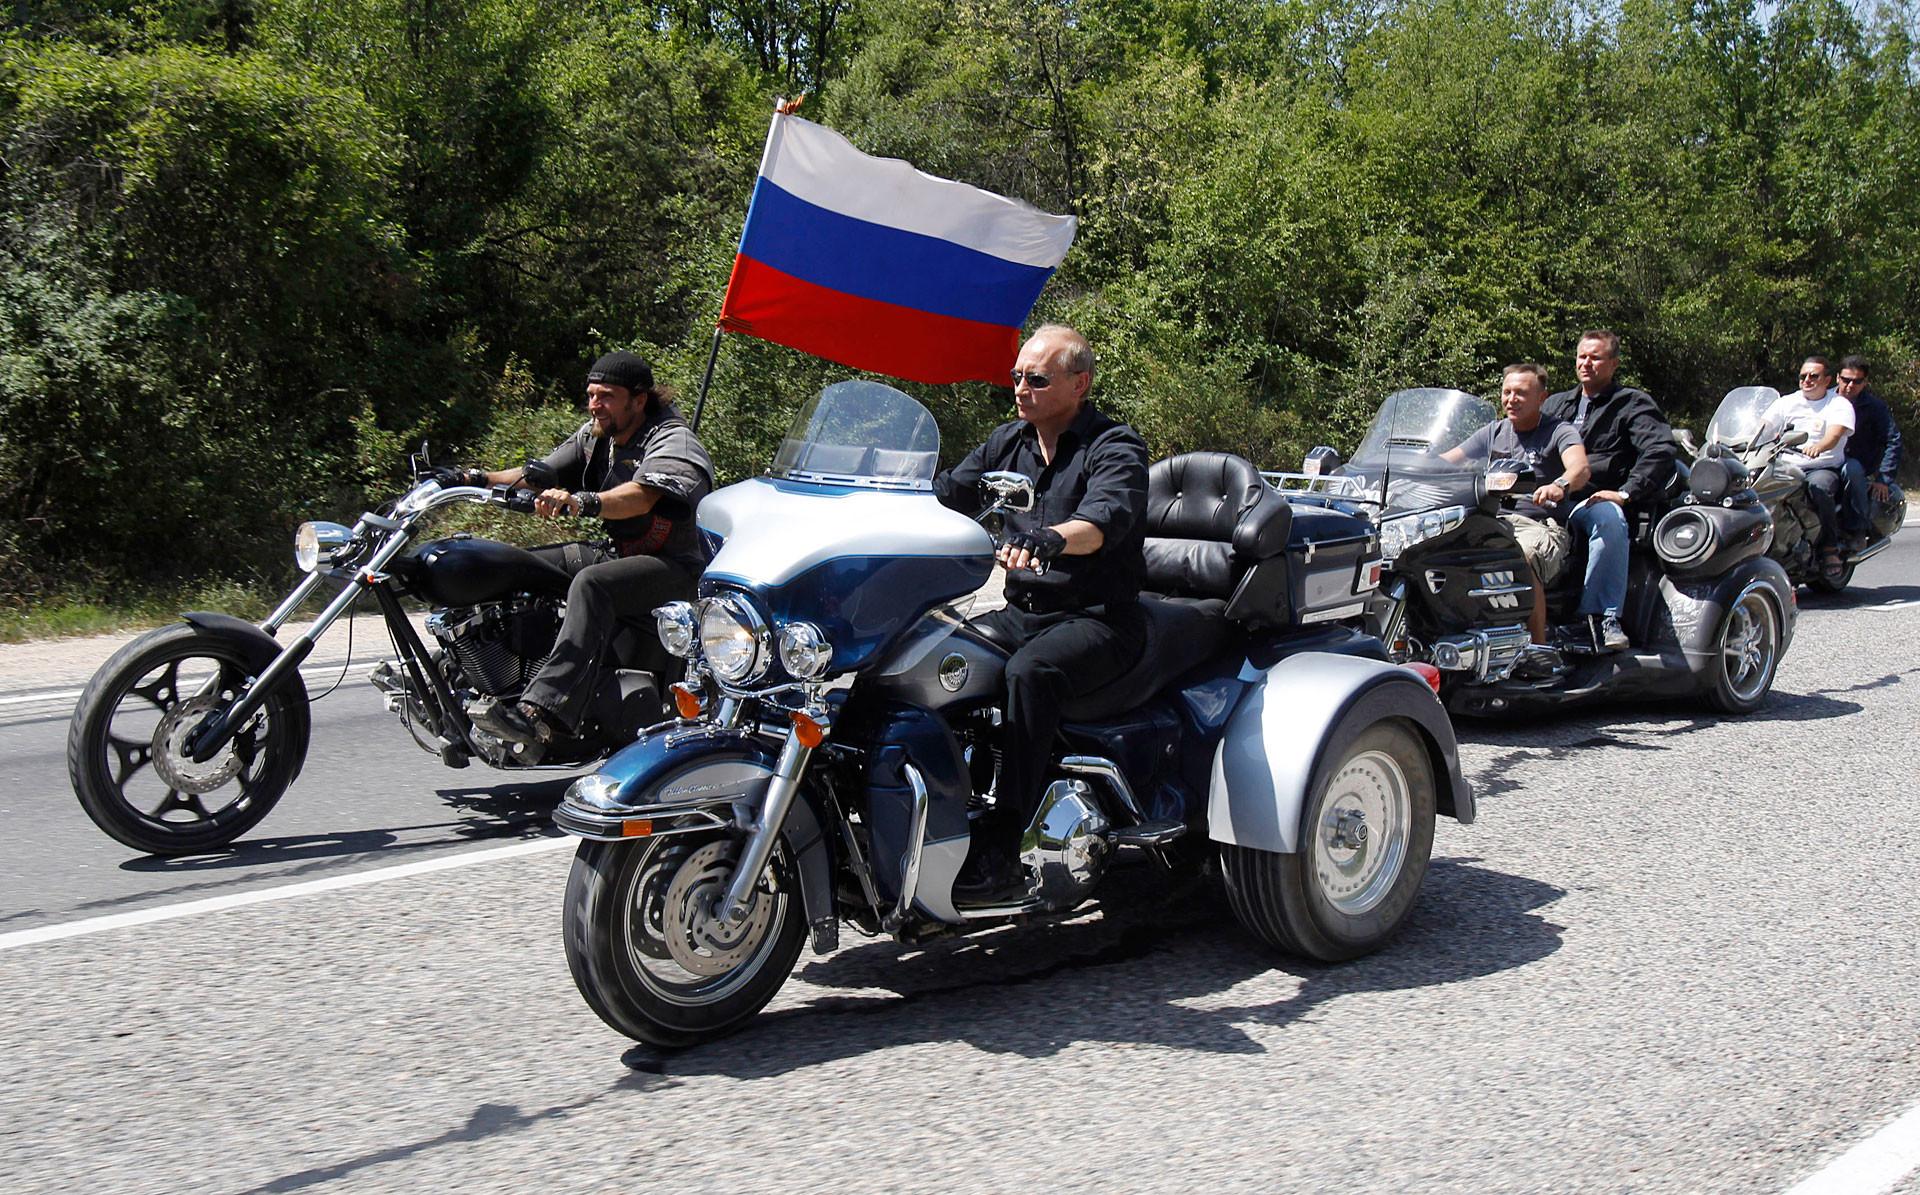 2010年にプーチン首相(当時)は、クリミア半島のセヴァストポリで、Harley-Davidson Lehman Trikesに乗ったバイカーたちの先頭を走った。